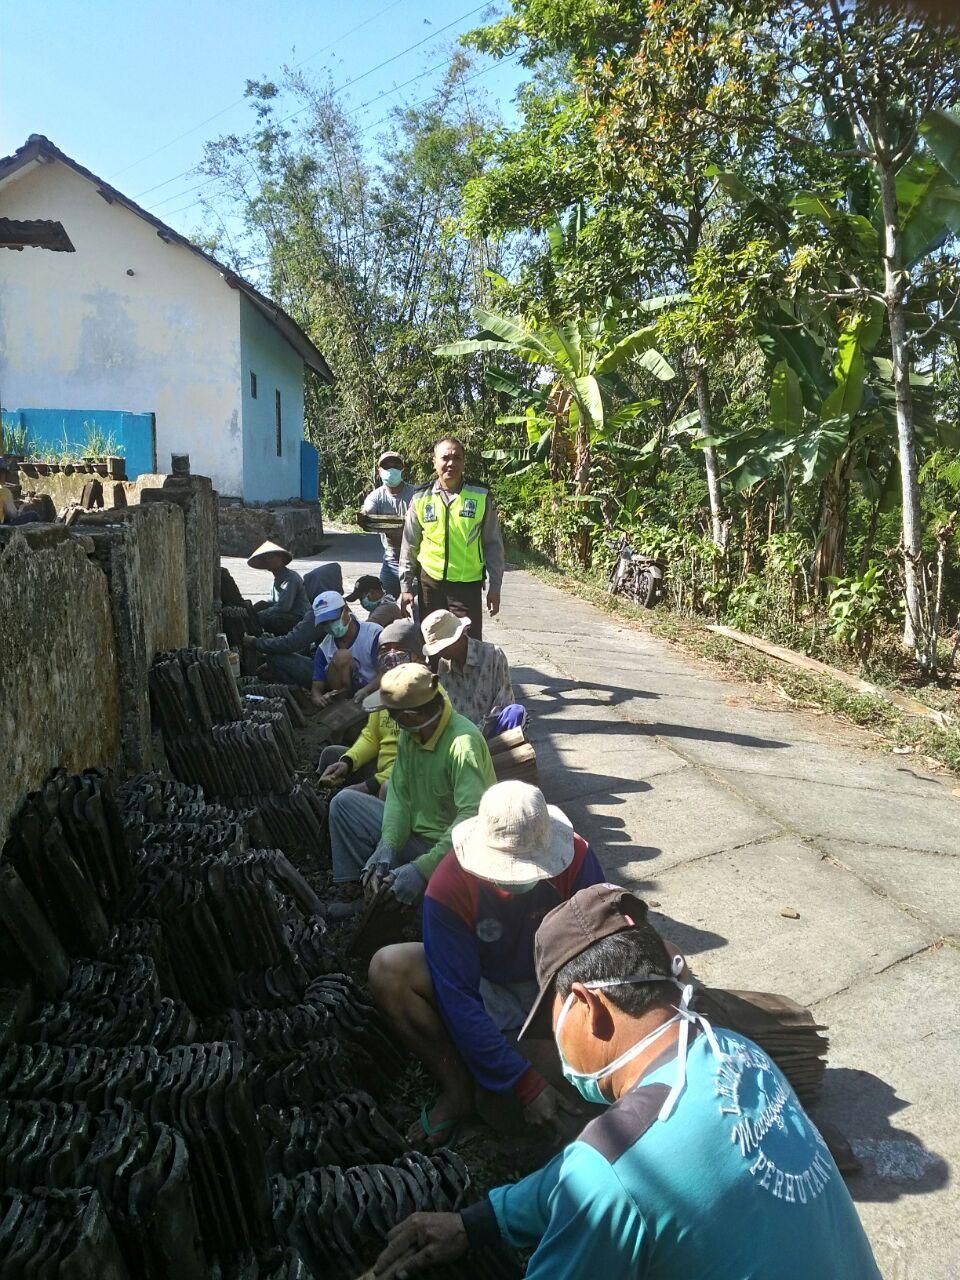 Bhabinkamtibmas Desa Sidodadi Polres Batu Melaksanakan Kerja Bakti Bedah Rumah Warga Dusun Sekar